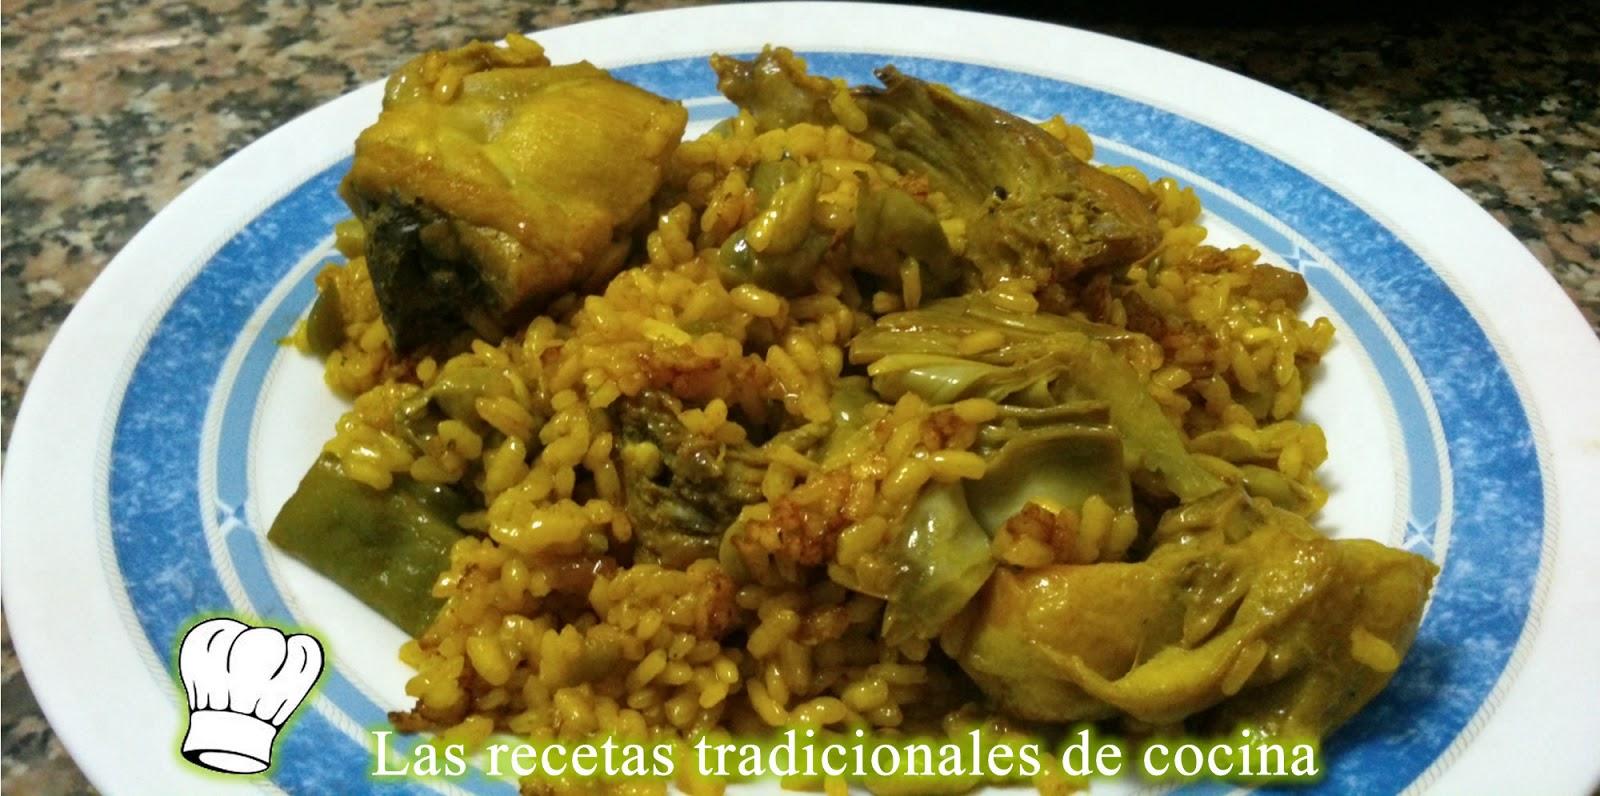 Cocina Alcachofas | Receta De Arroz De Habas Y Alcachofas Recetas De Cocina Con